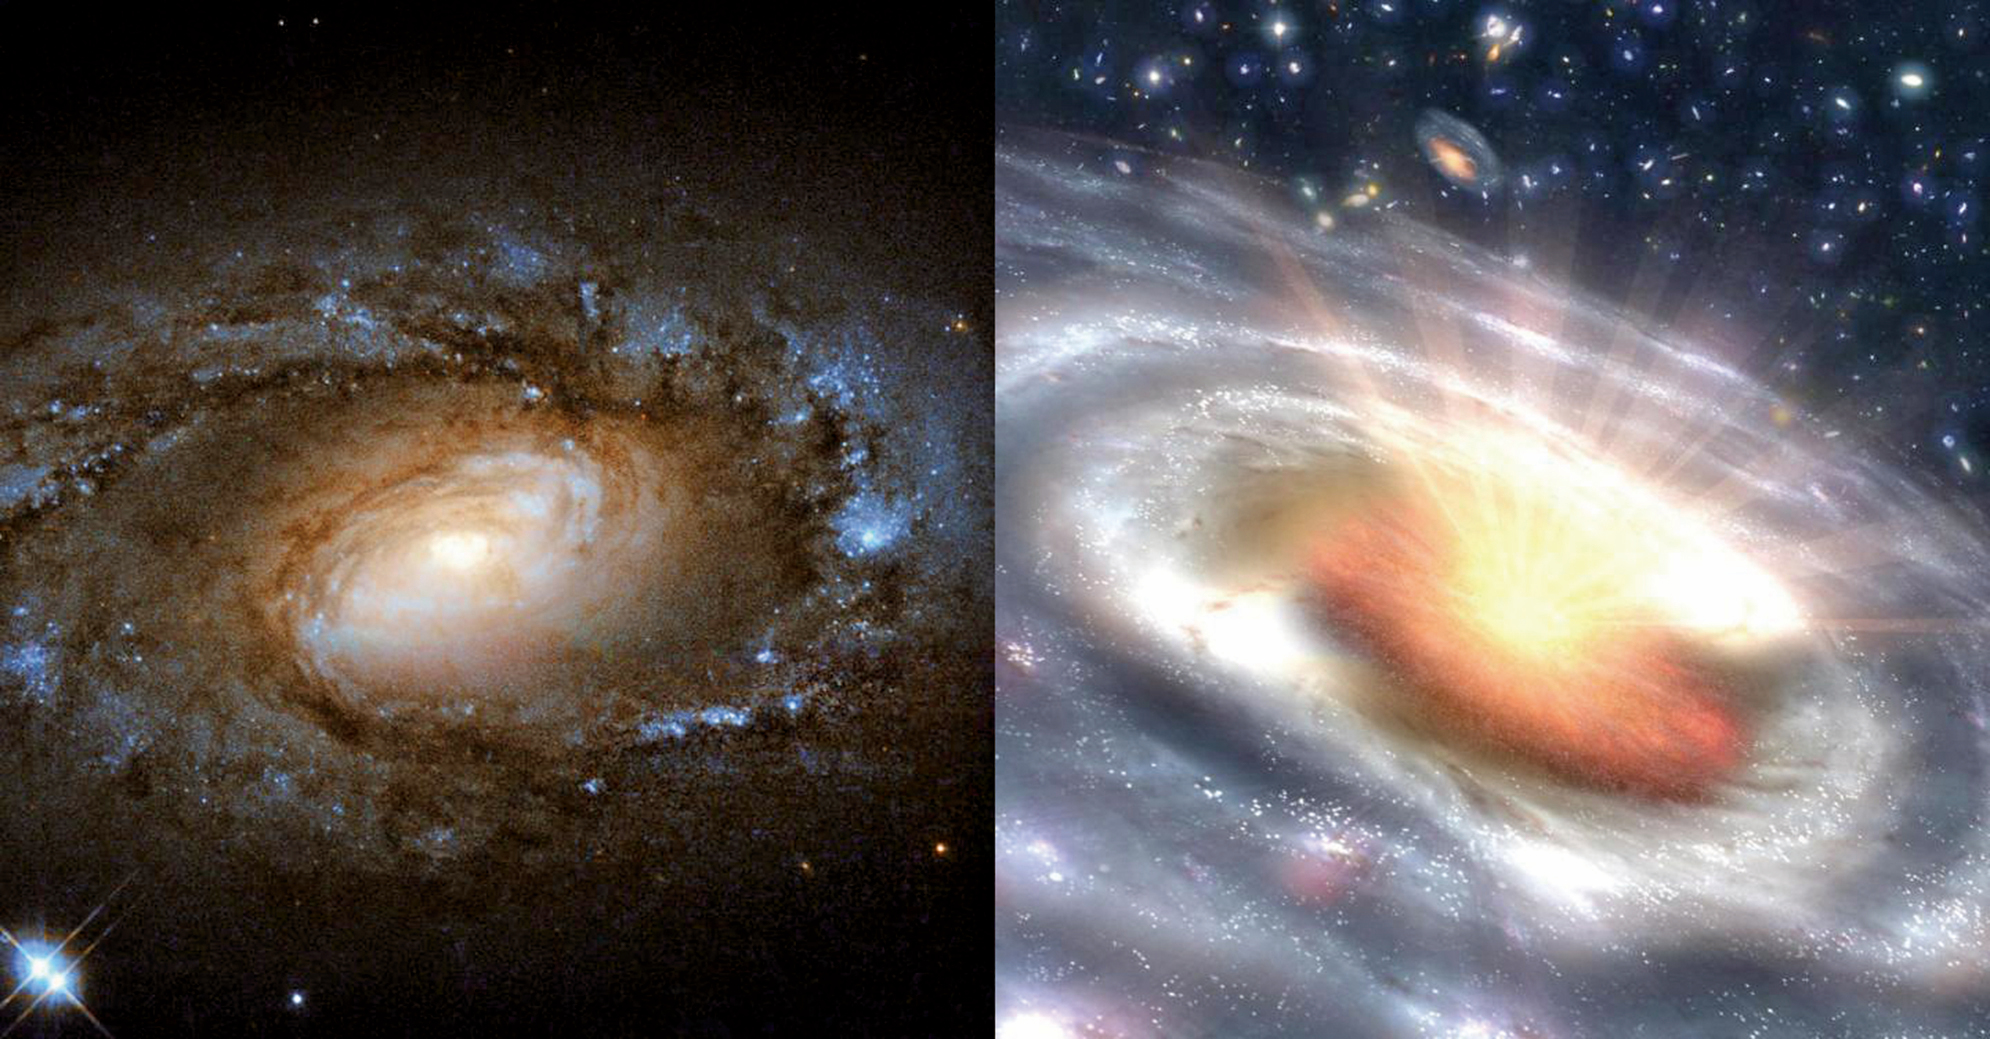 左圖為較為平靜的LINER星系示意圖,右圖為活躍明亮的類星體示意圖。(ESA/Hubble/NASA/JPL-Caltech)